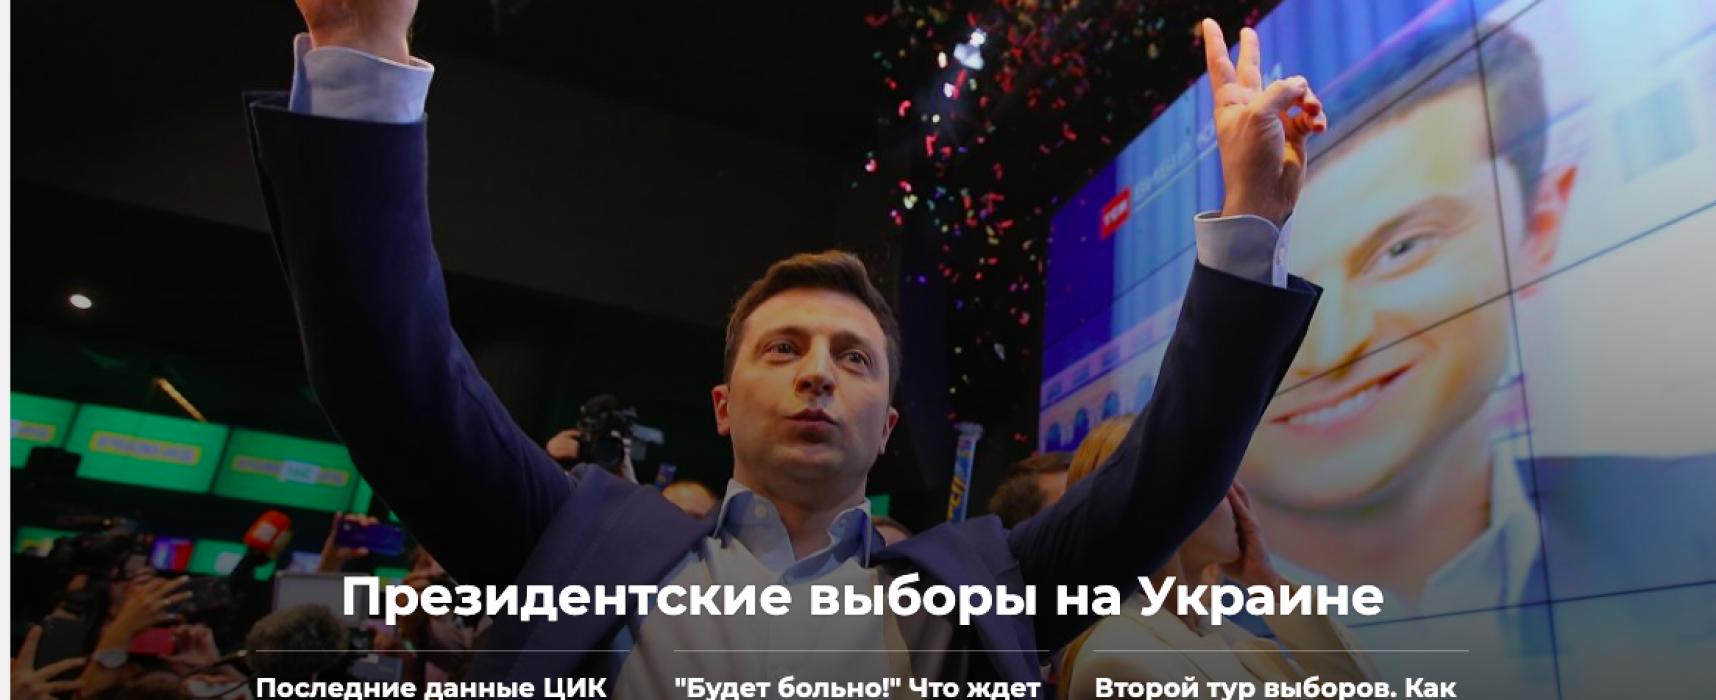 Як російські ЗМІ відреагували на результати президентських виборів в Україні?